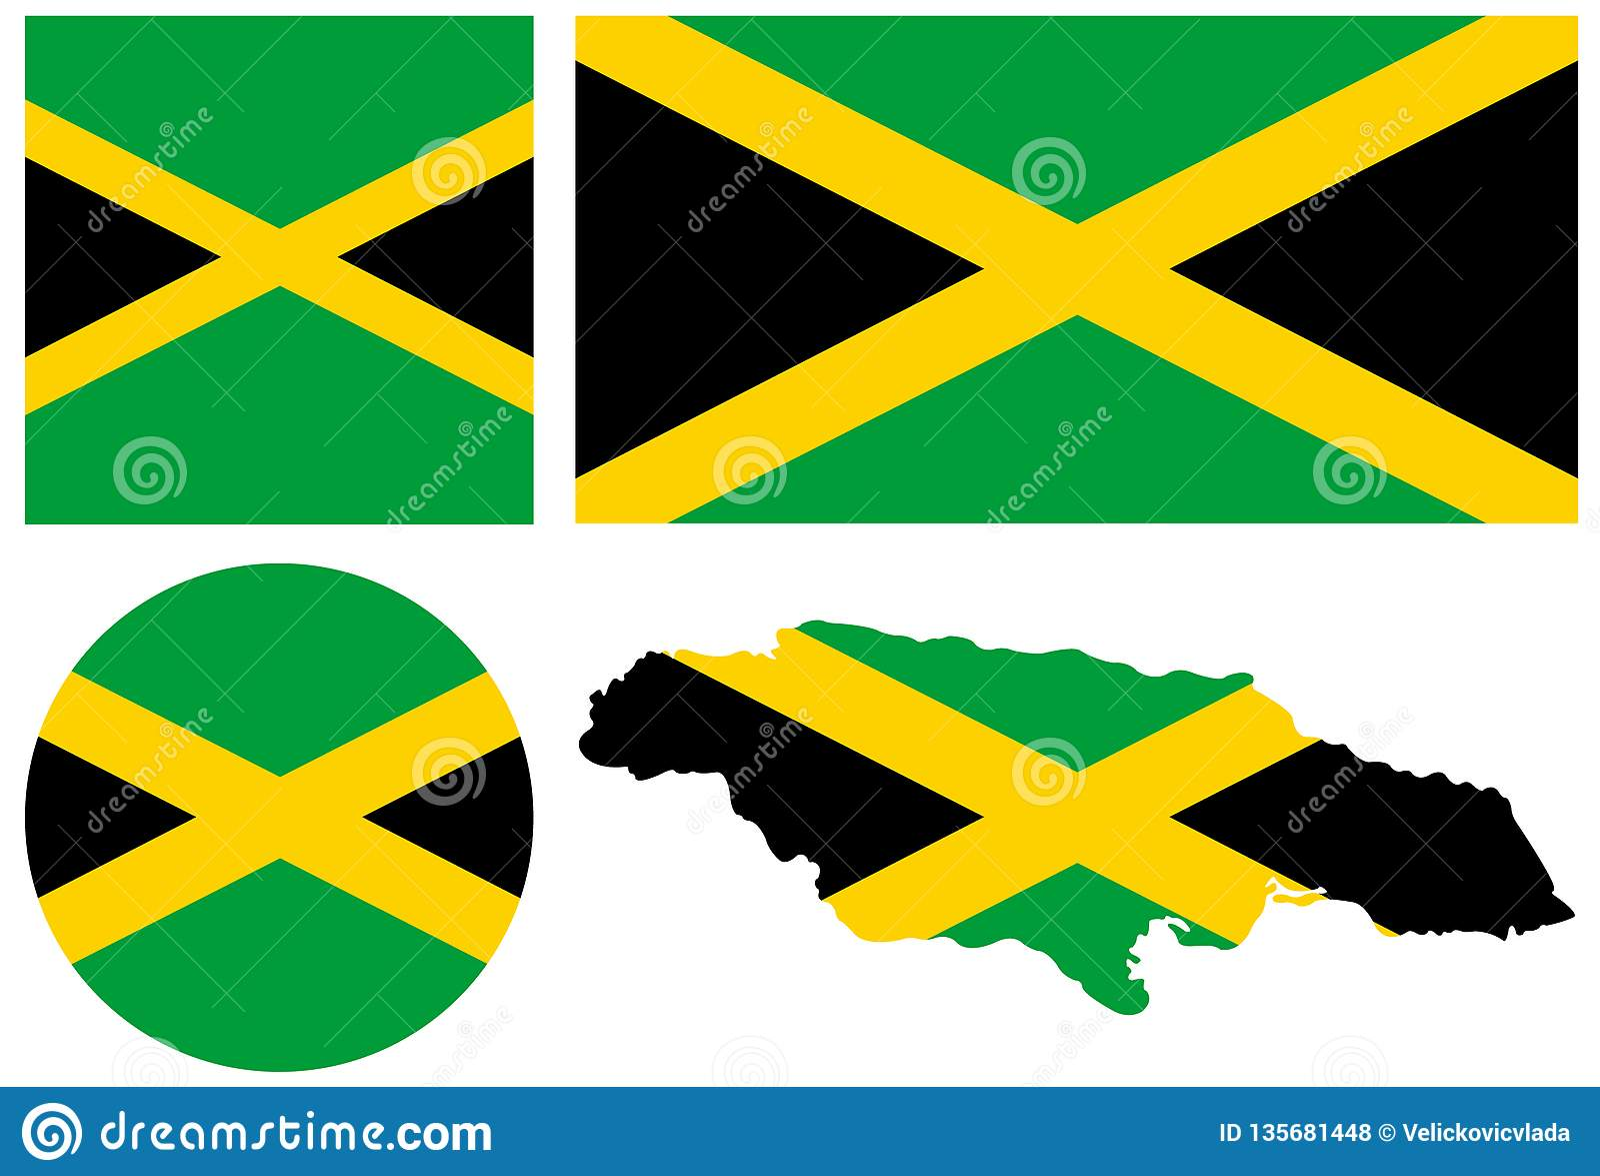 Bandiera della Giamaica e mappa - paese di isola situato nel mar dei Caraibi